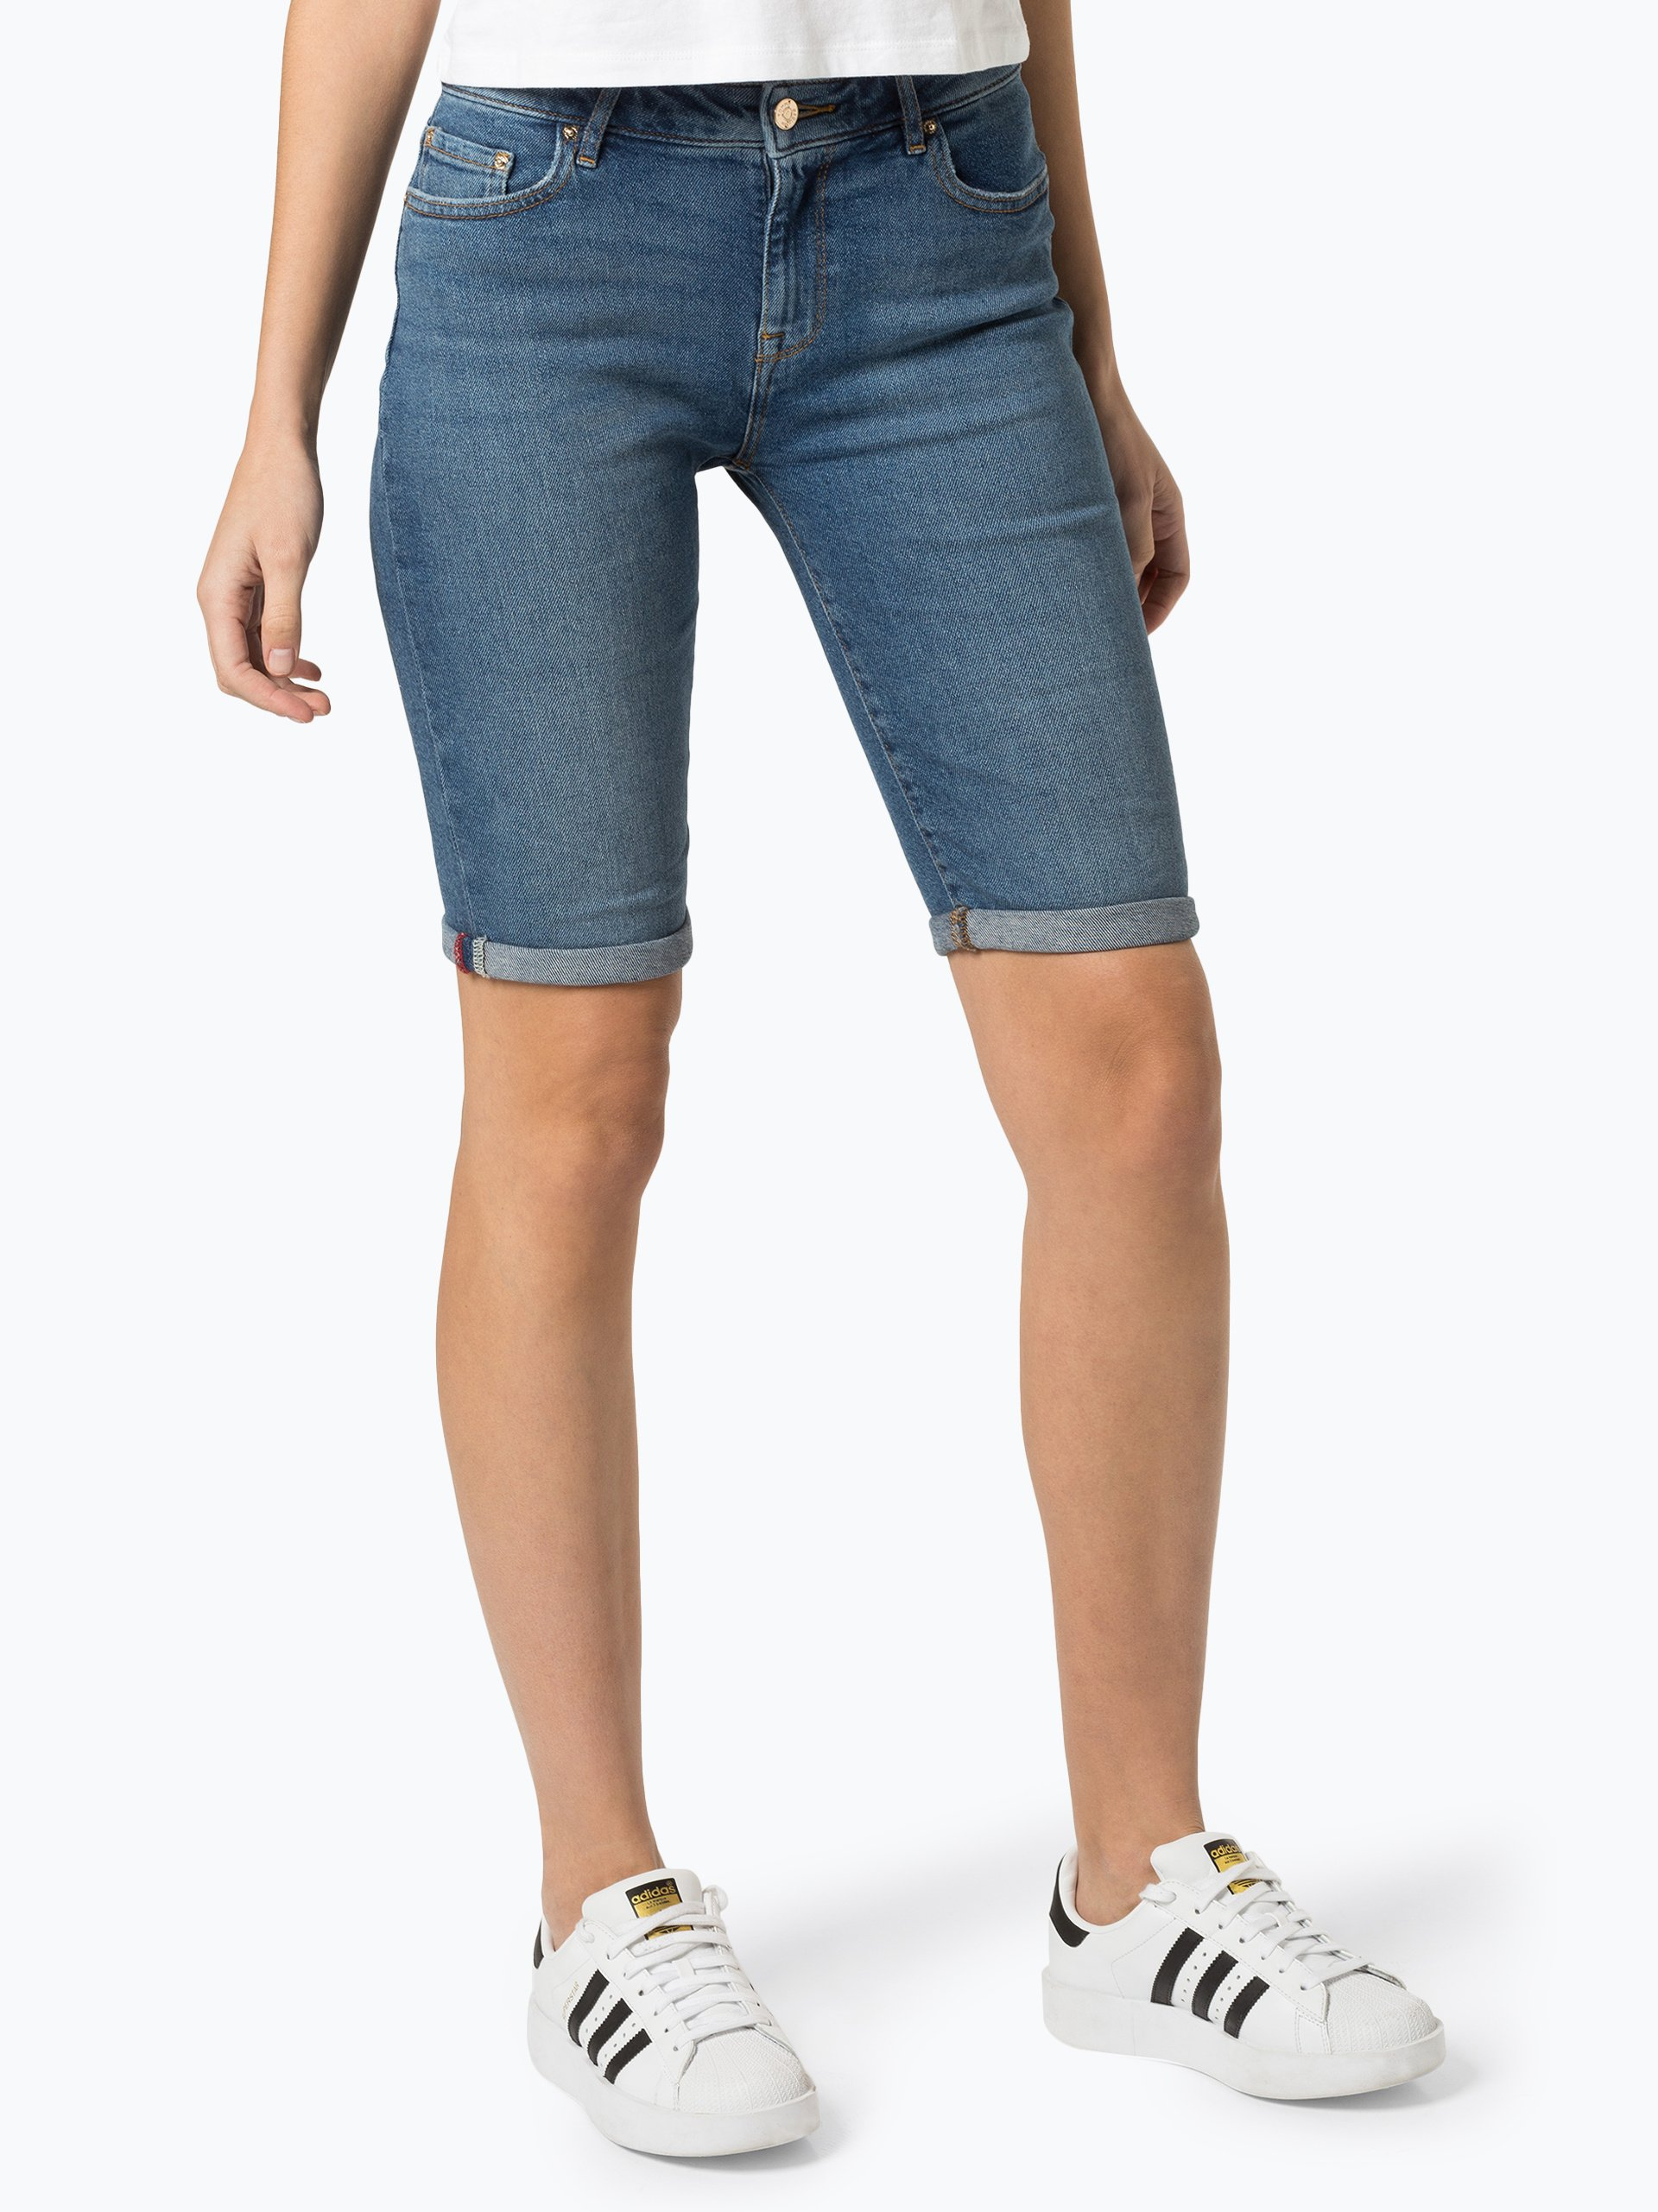 Tommy Hilfiger Damskie krótkie spodenki jeansowe